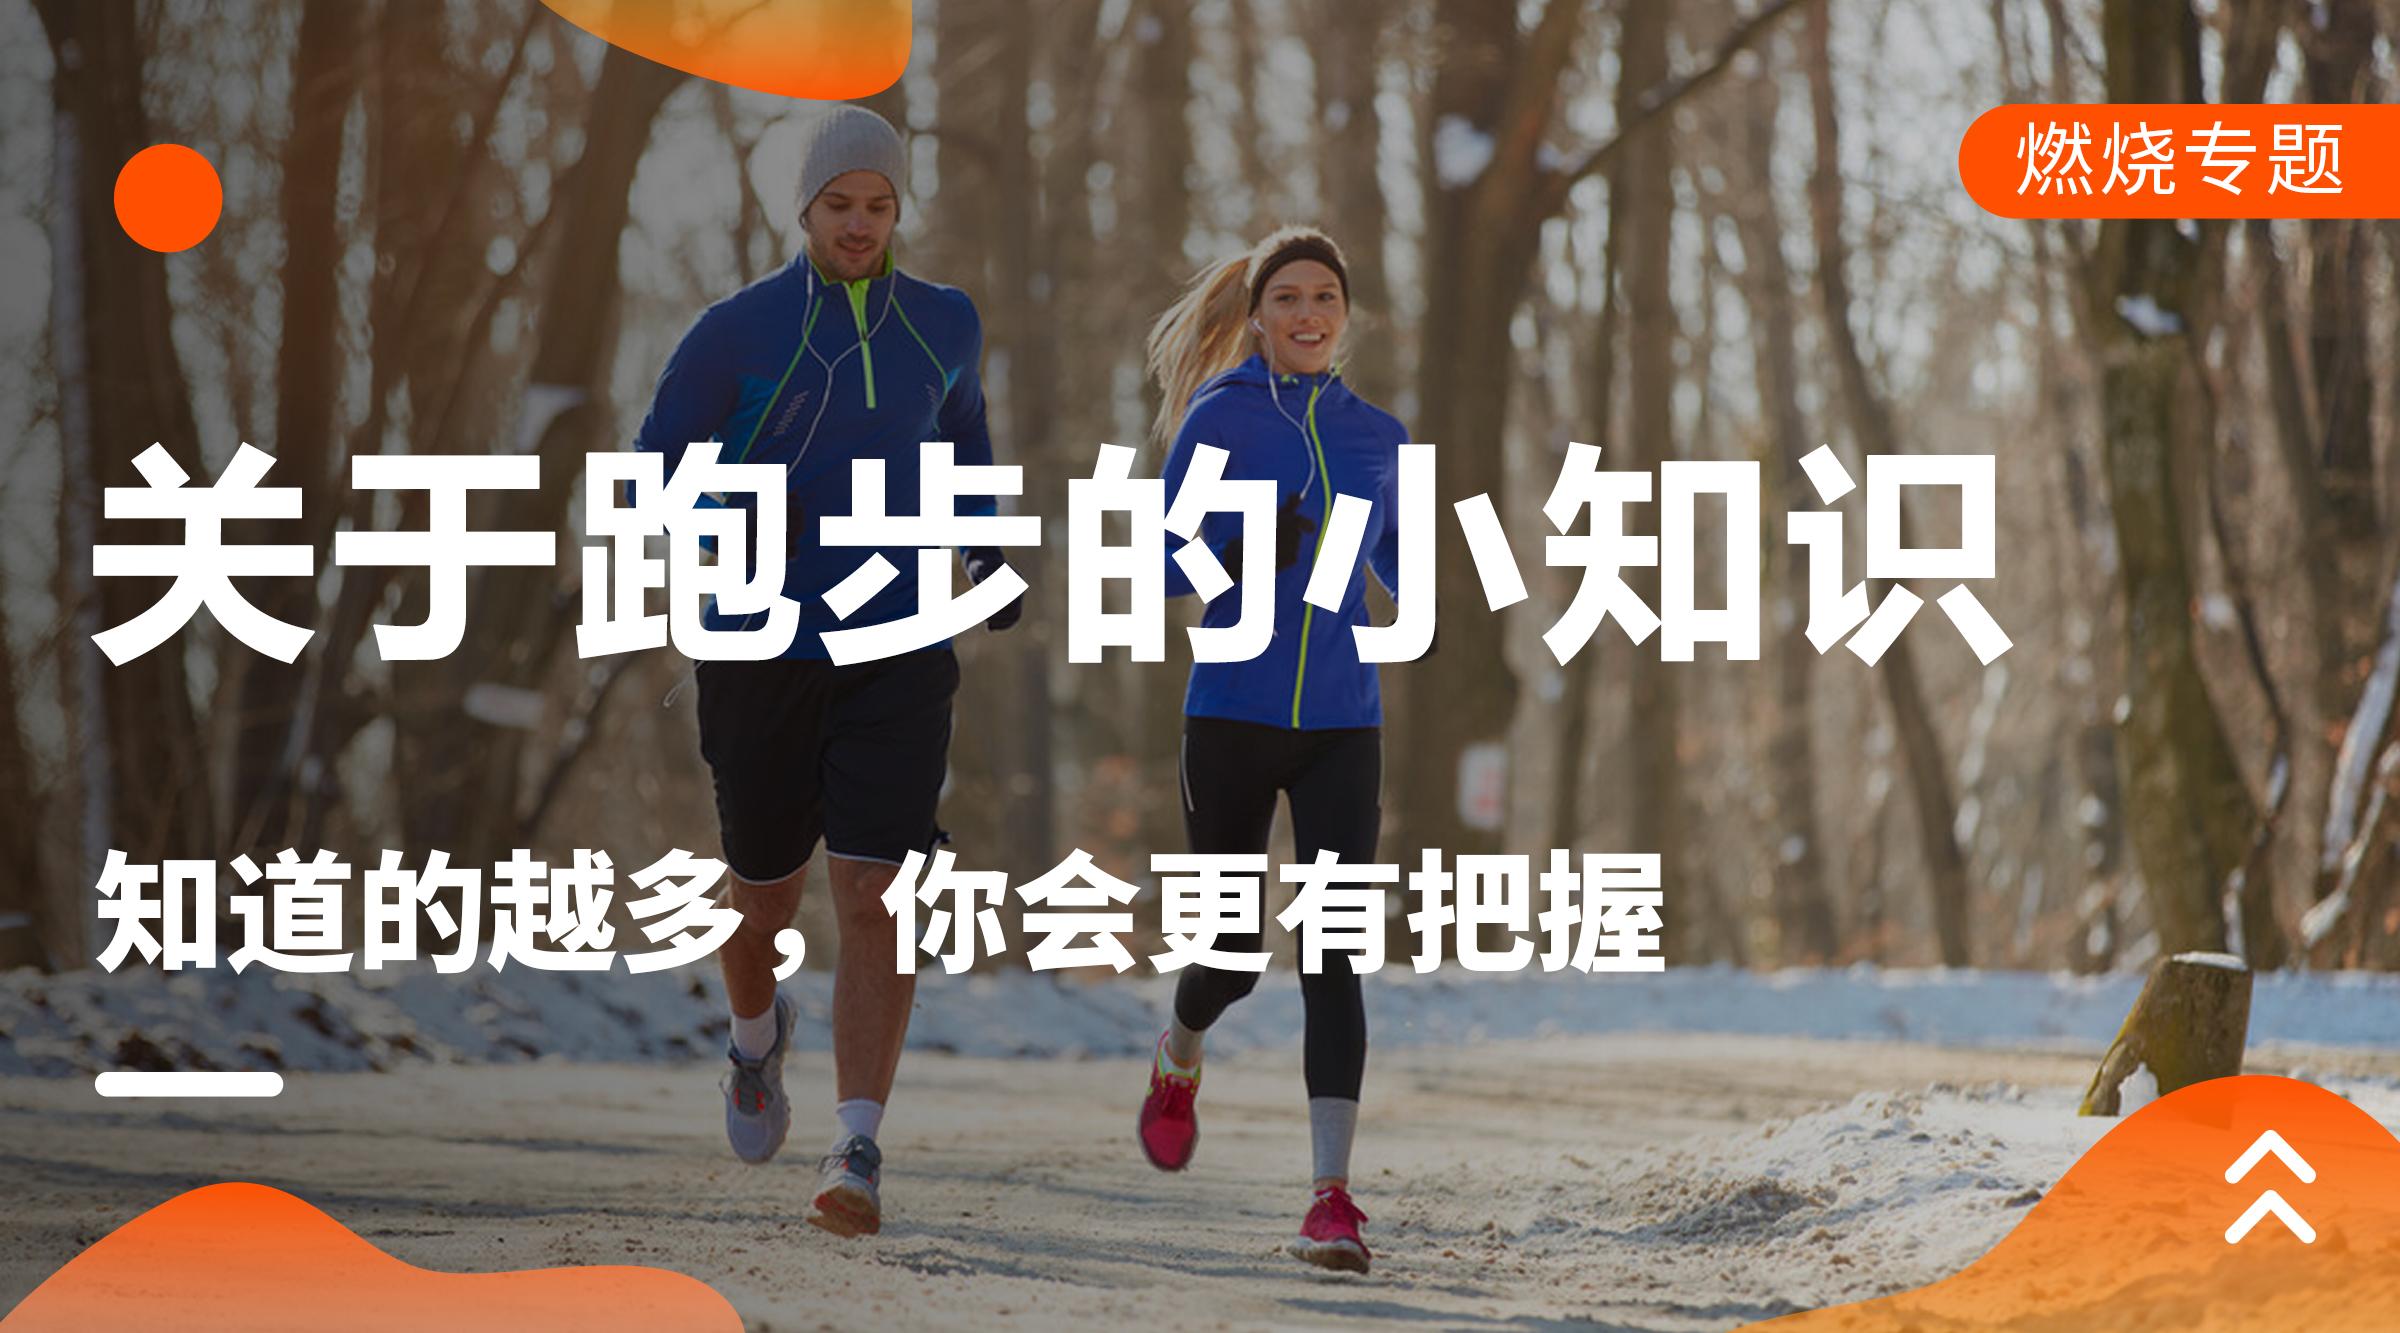 关于跑步的小知识